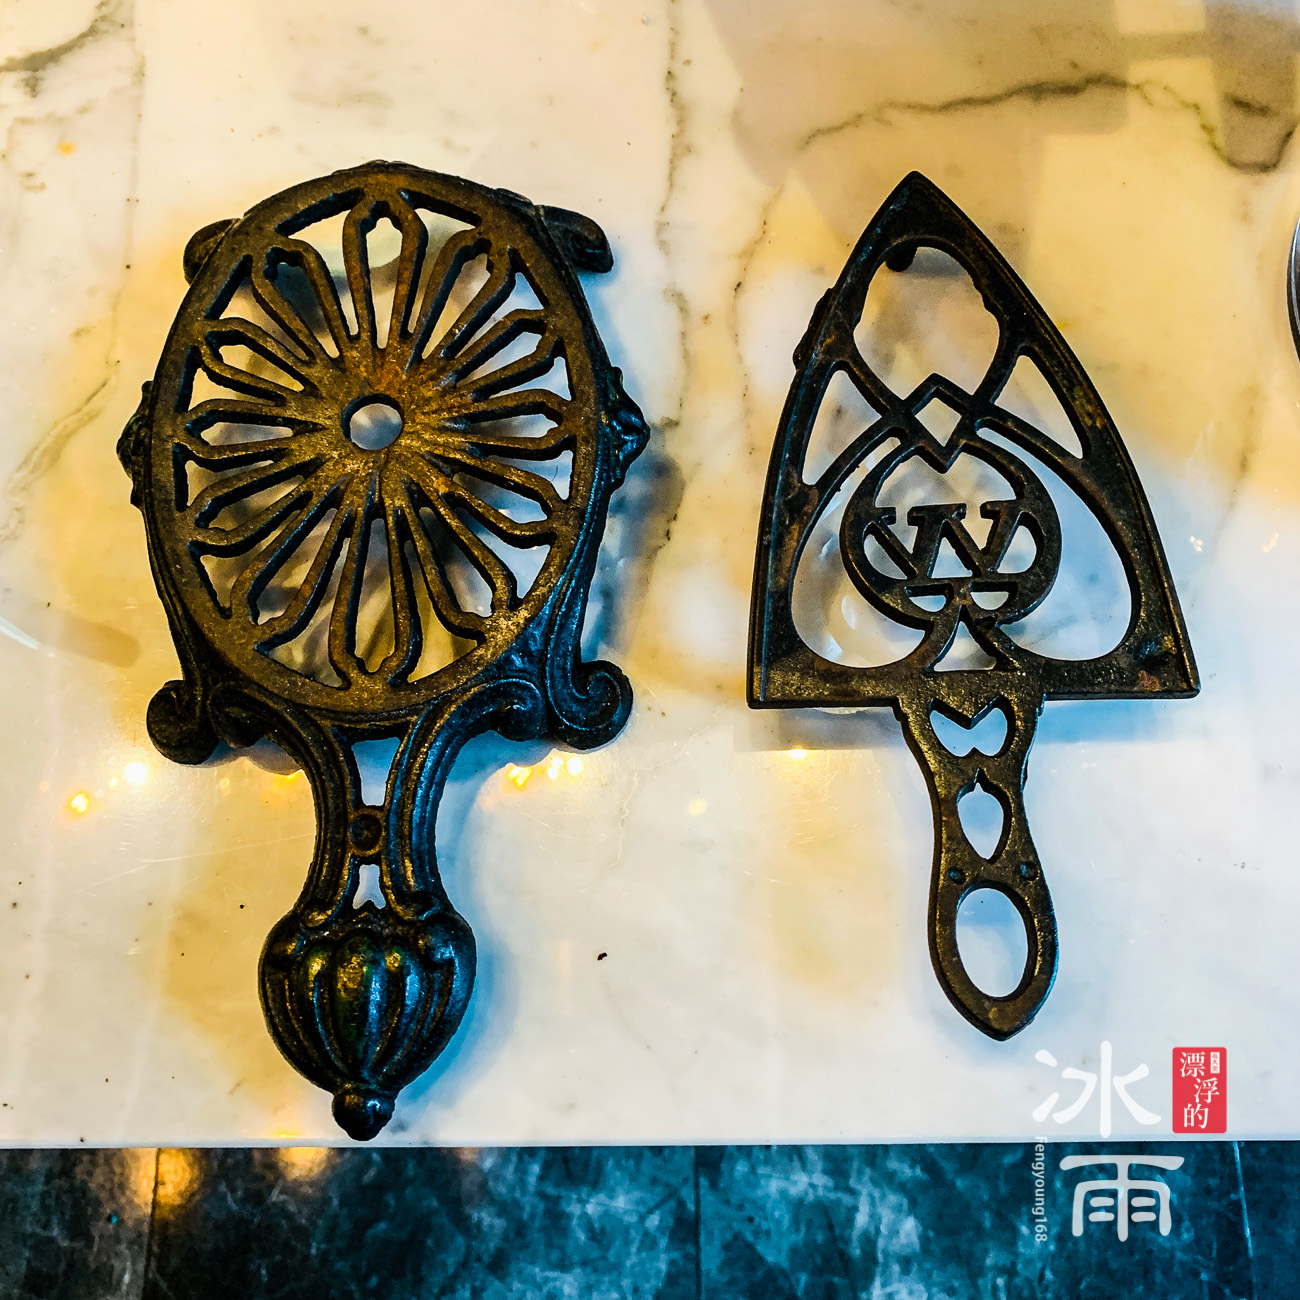 帕鉑舍旅 高雄住宿推薦 餐廳這個有公用的小東西,竟也可以拿來擺飾